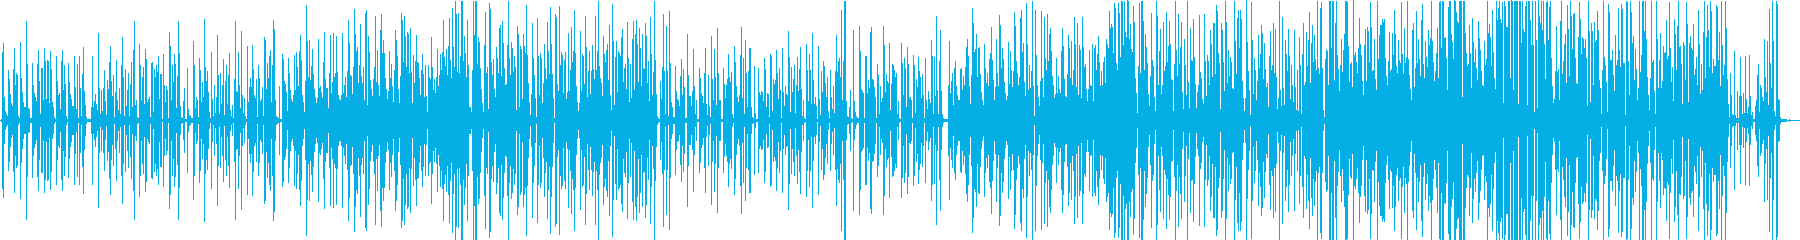 ほのぼのしたピアノトリオの再生済みの波形